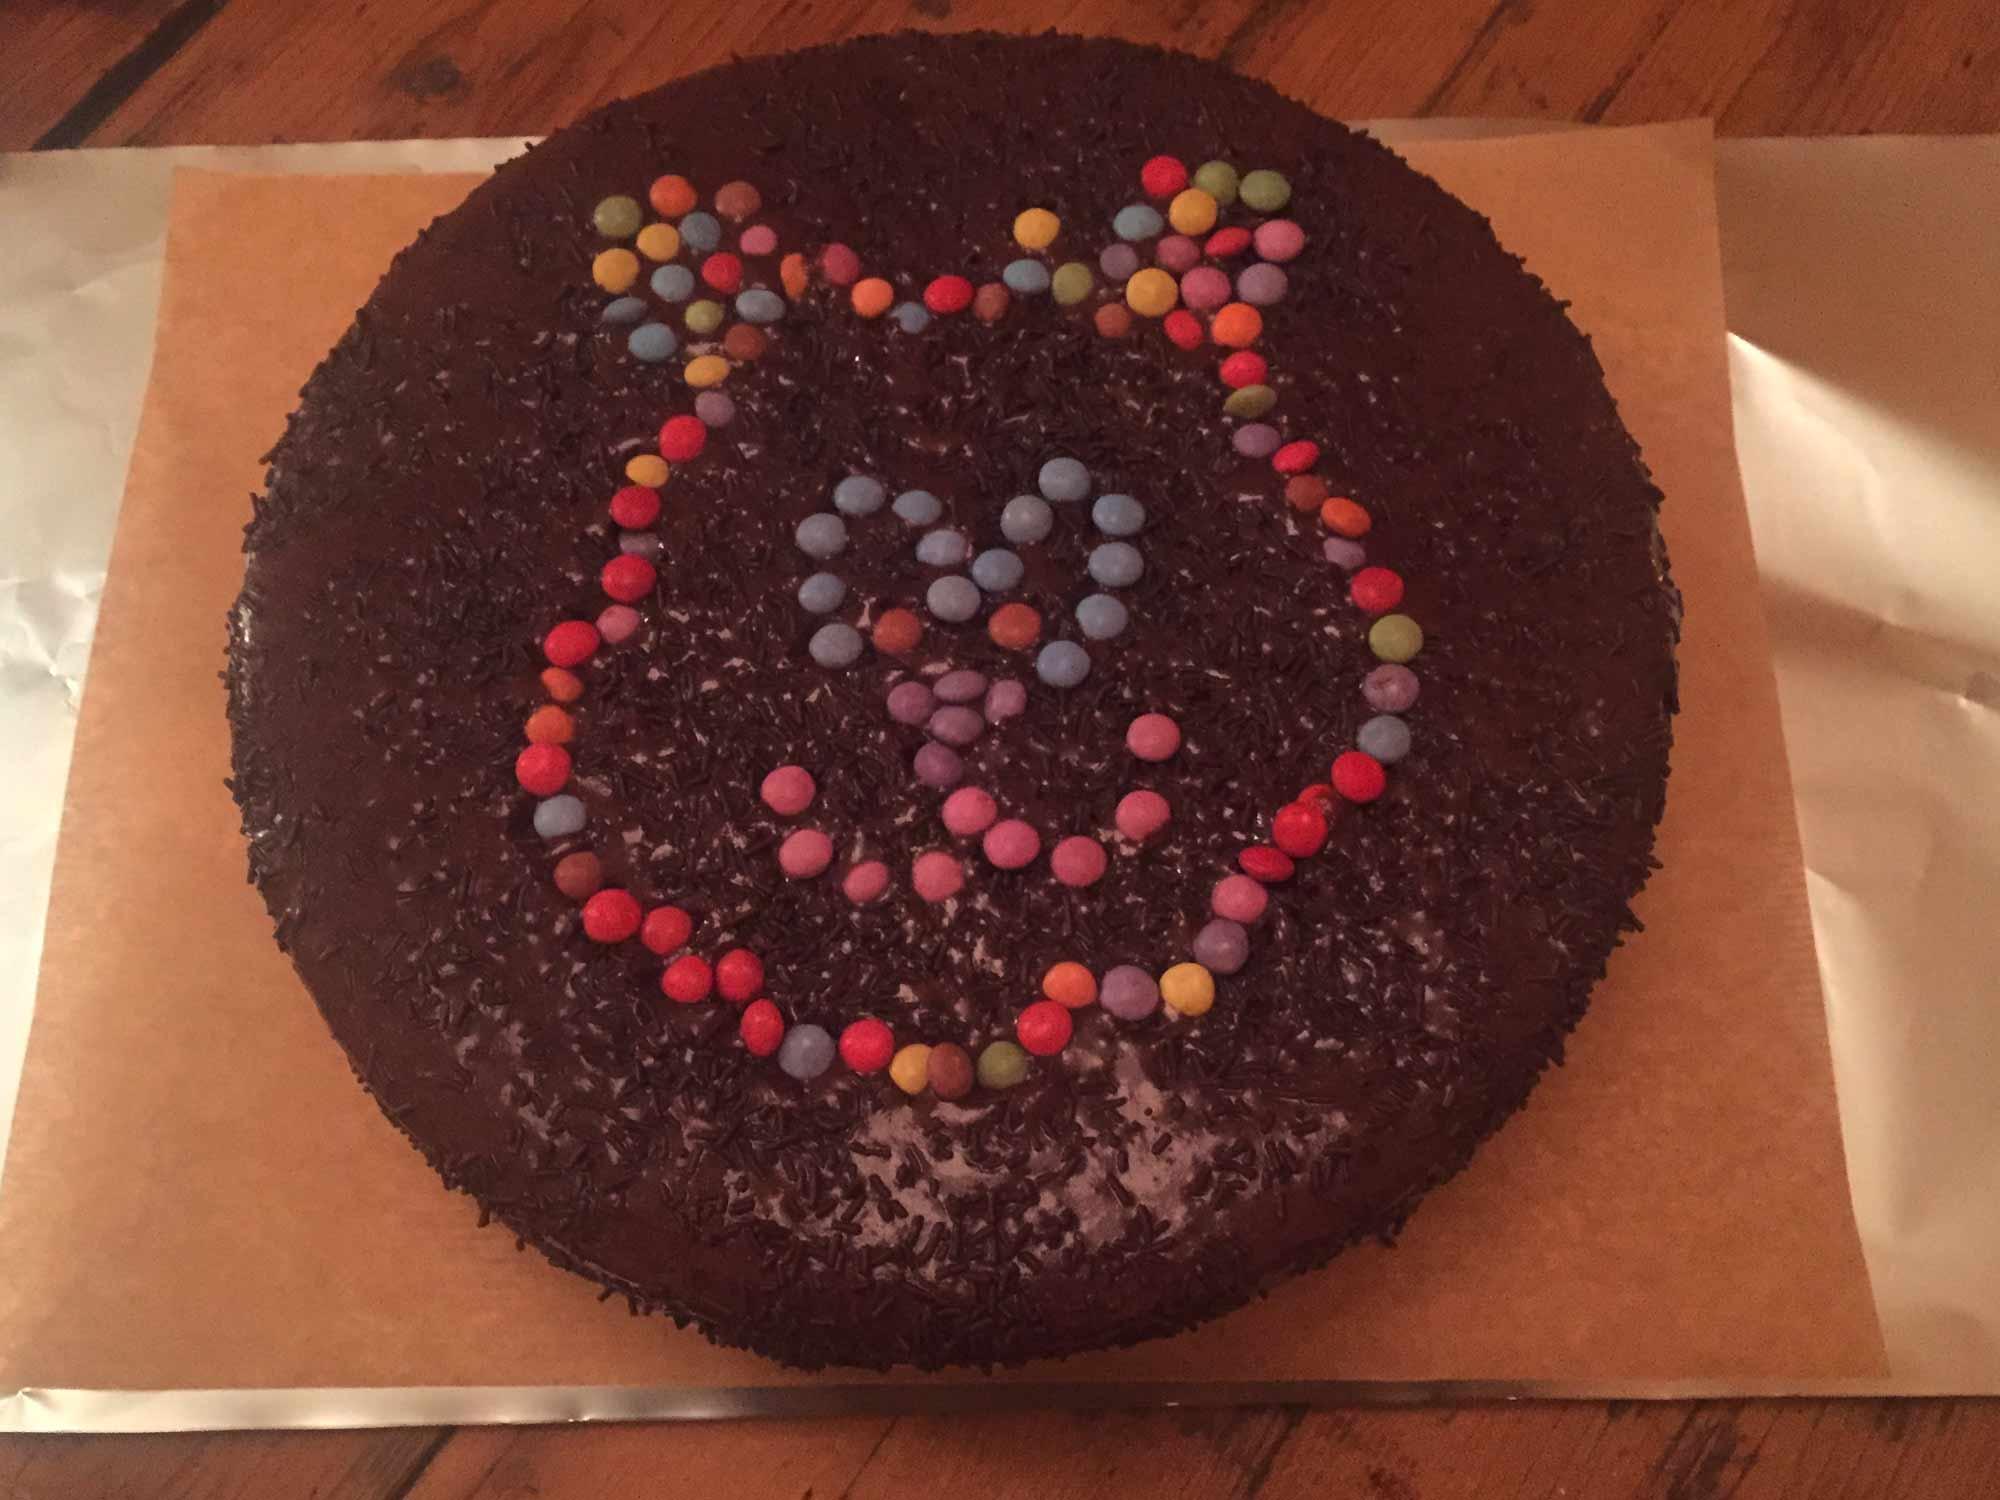 gateau au chocolat décoré chocolat et bonbons